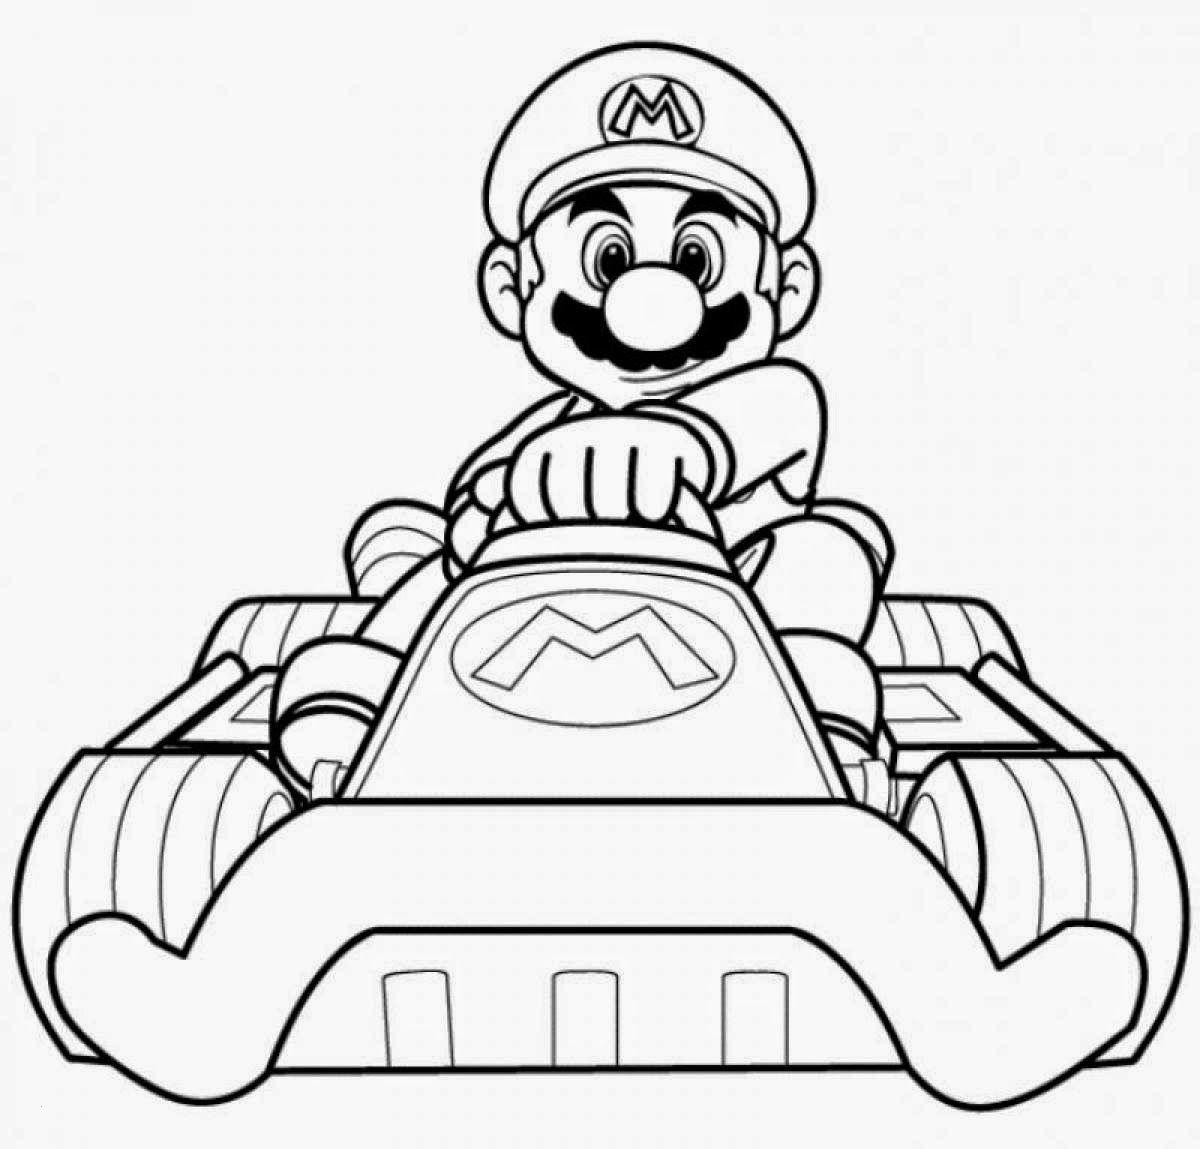 Mario Kart Ausmalbilder Frisch 40 Bvb Ausmalbilder Scoredatscore Inspirierend Mario Kart Galerie